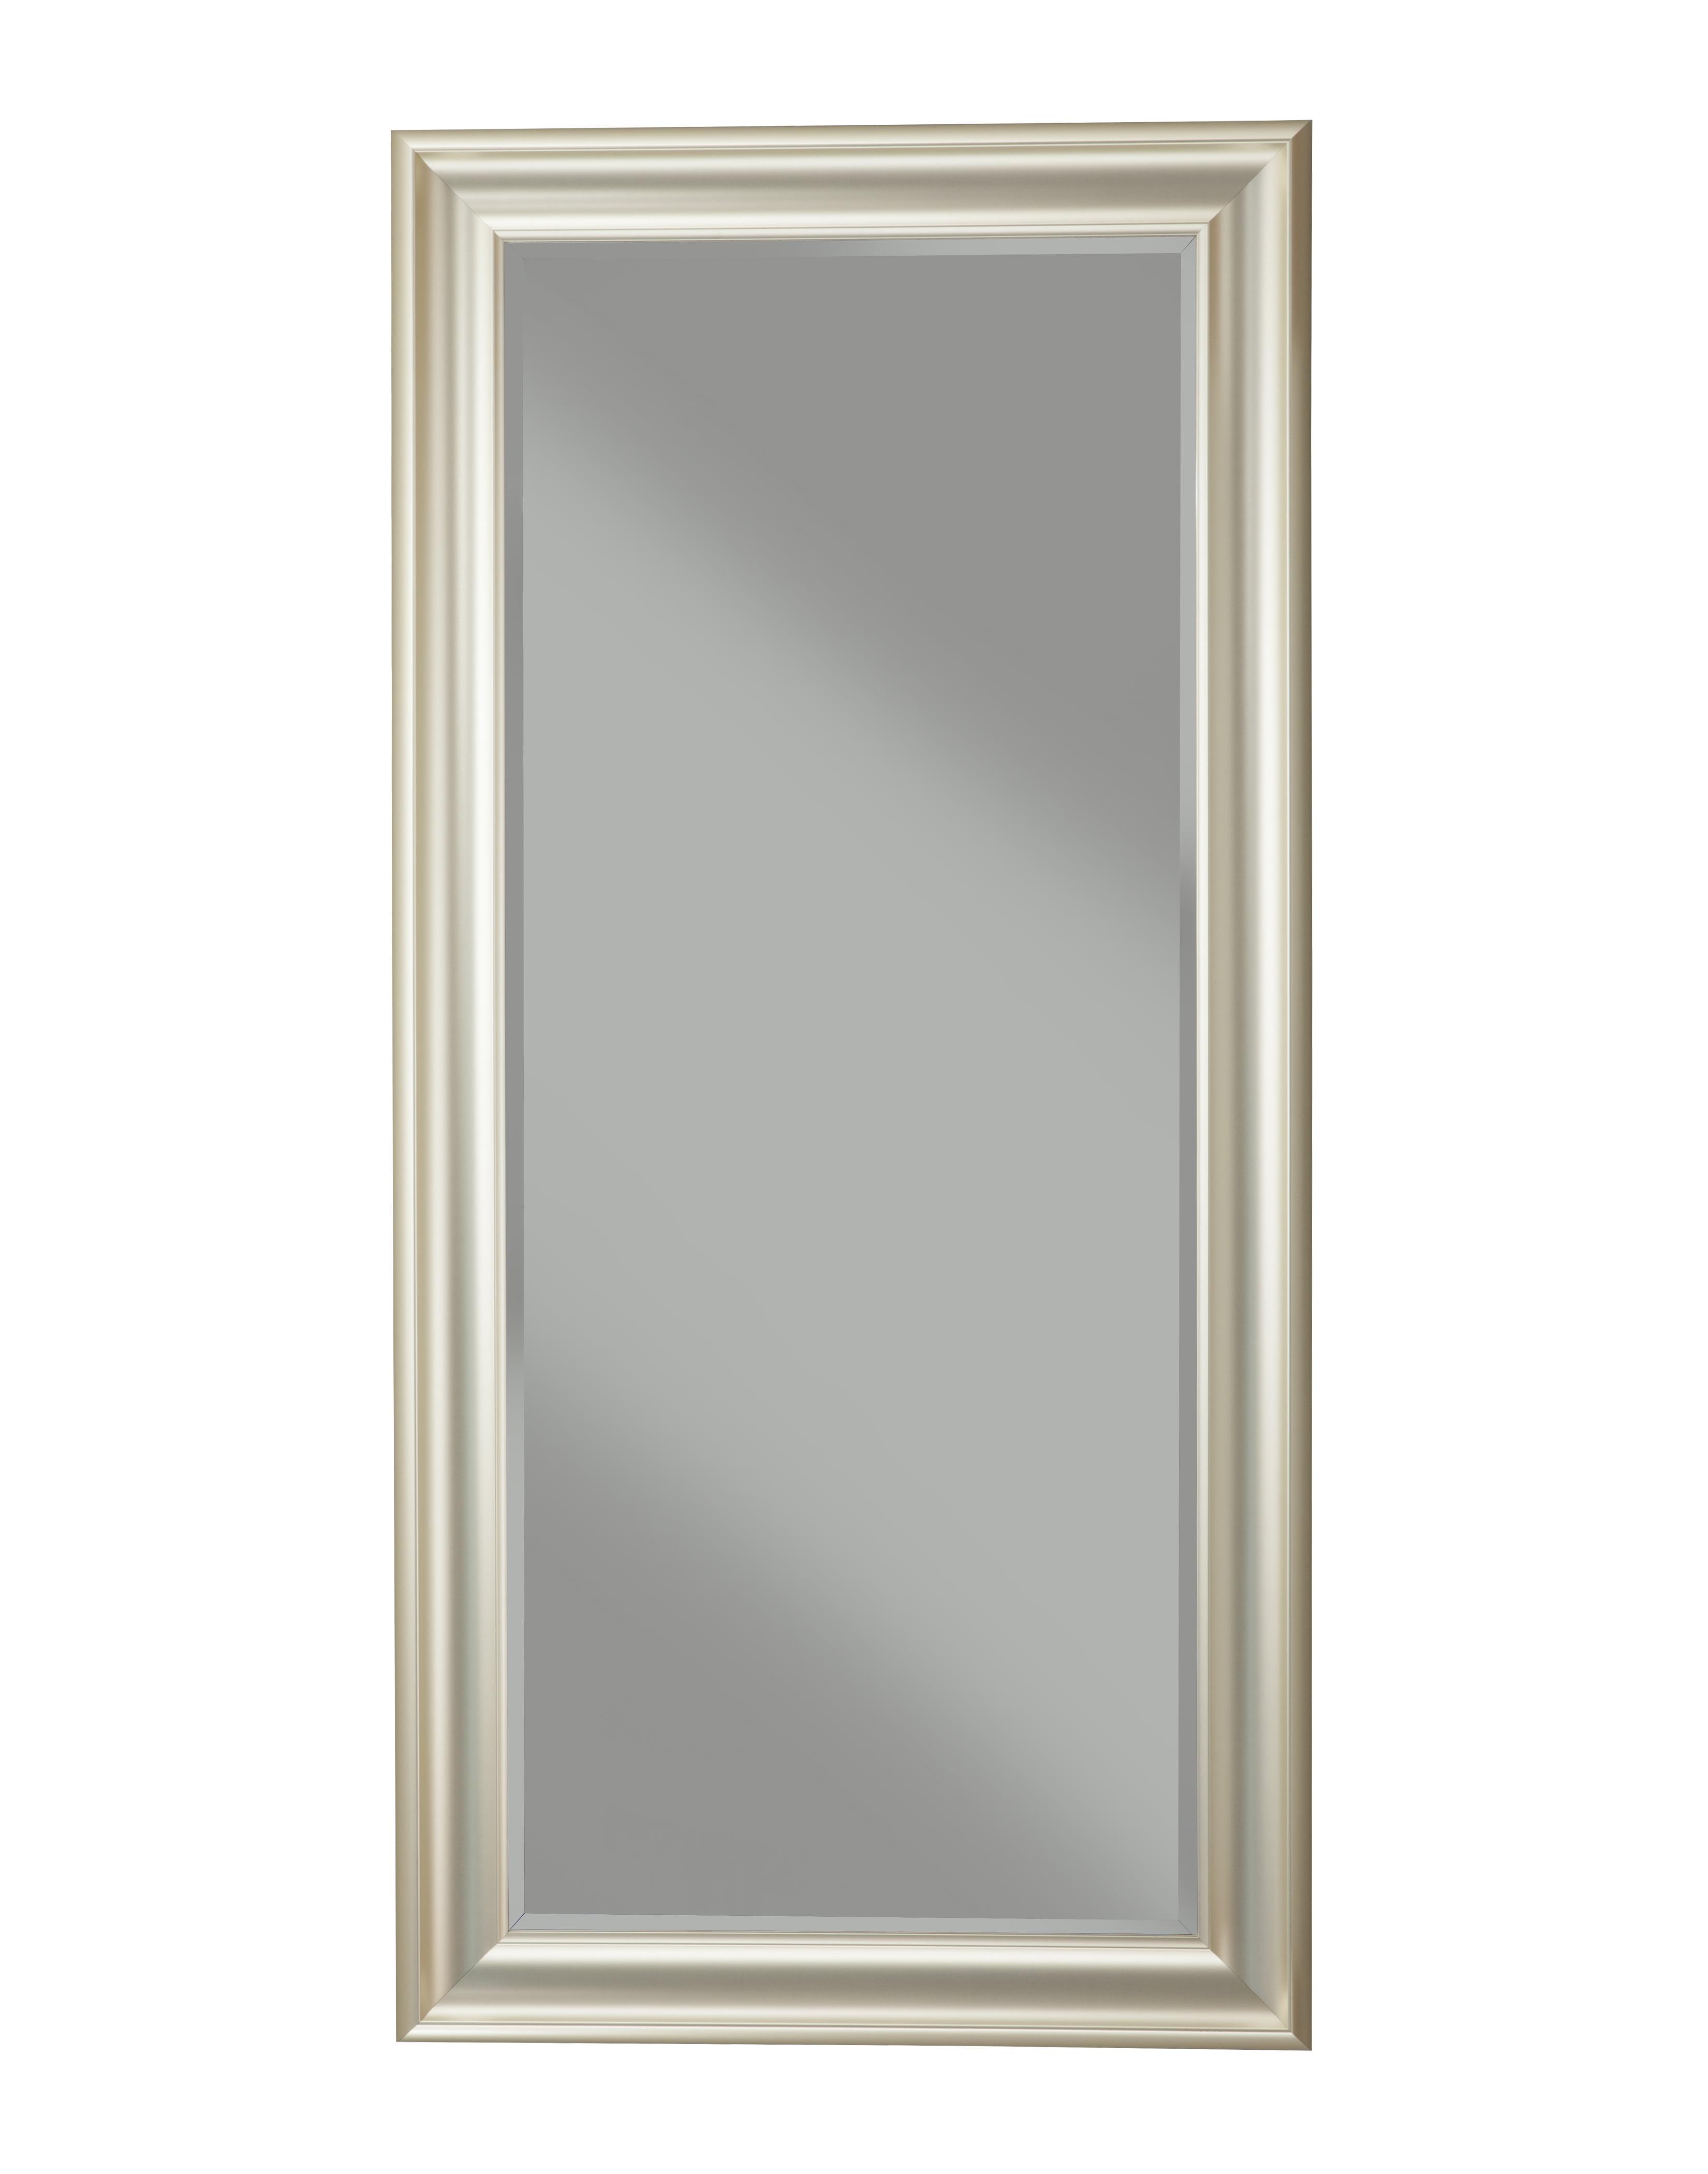 Brushed Bronze Full Length Leaner Mirror by Martin Svensson Home